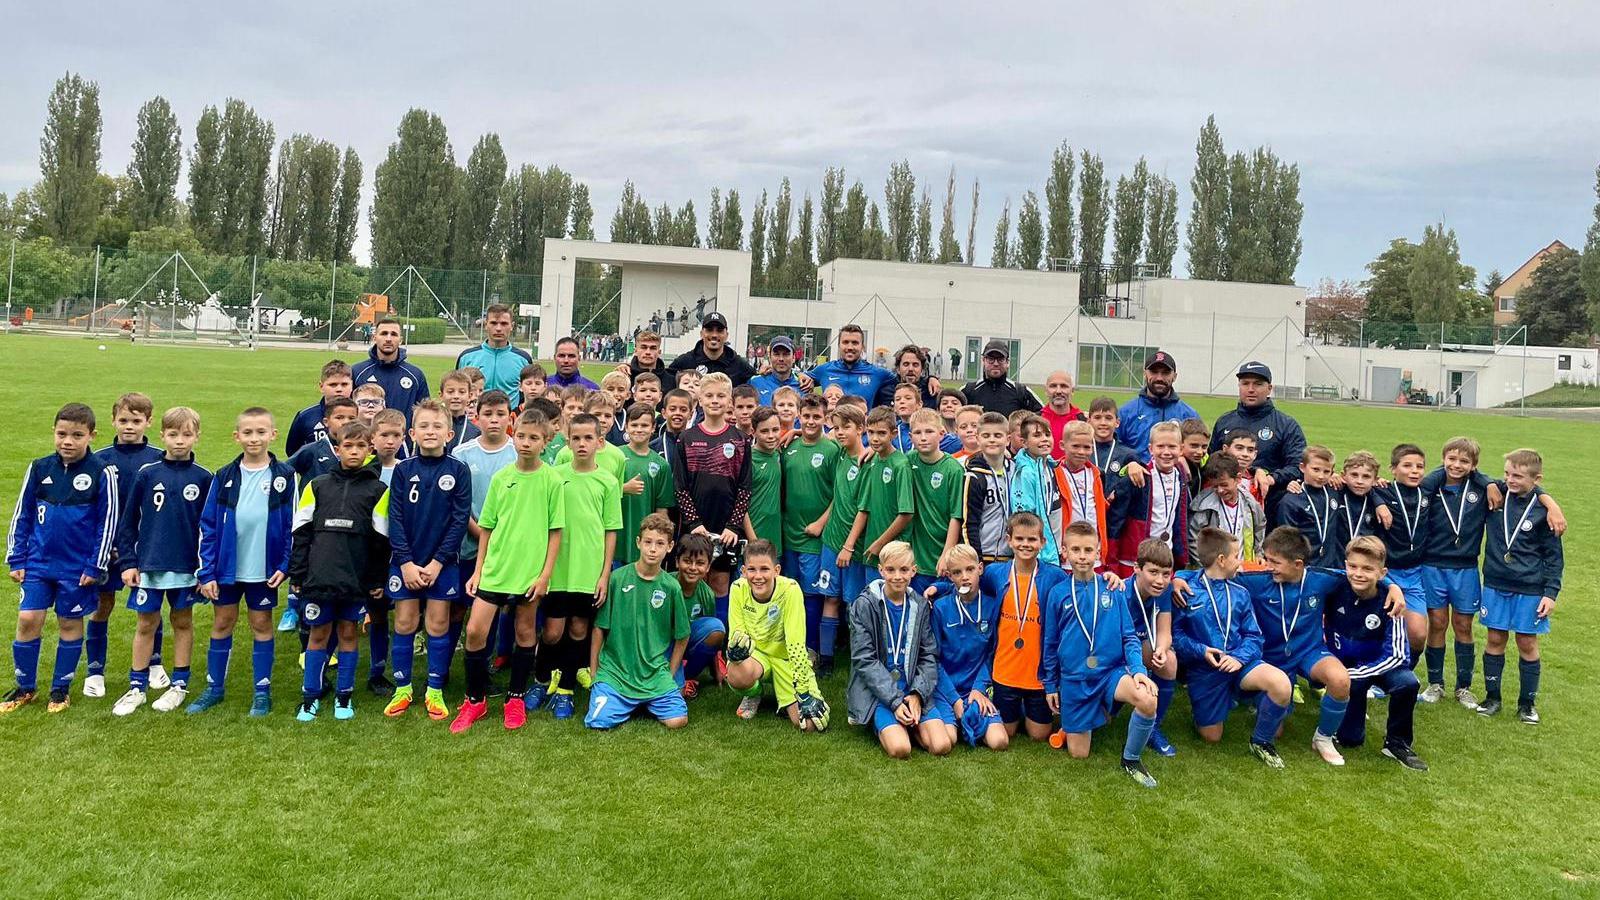 Megrendeztük a 2021/2022-es szezon első partneregyesületi tornáját